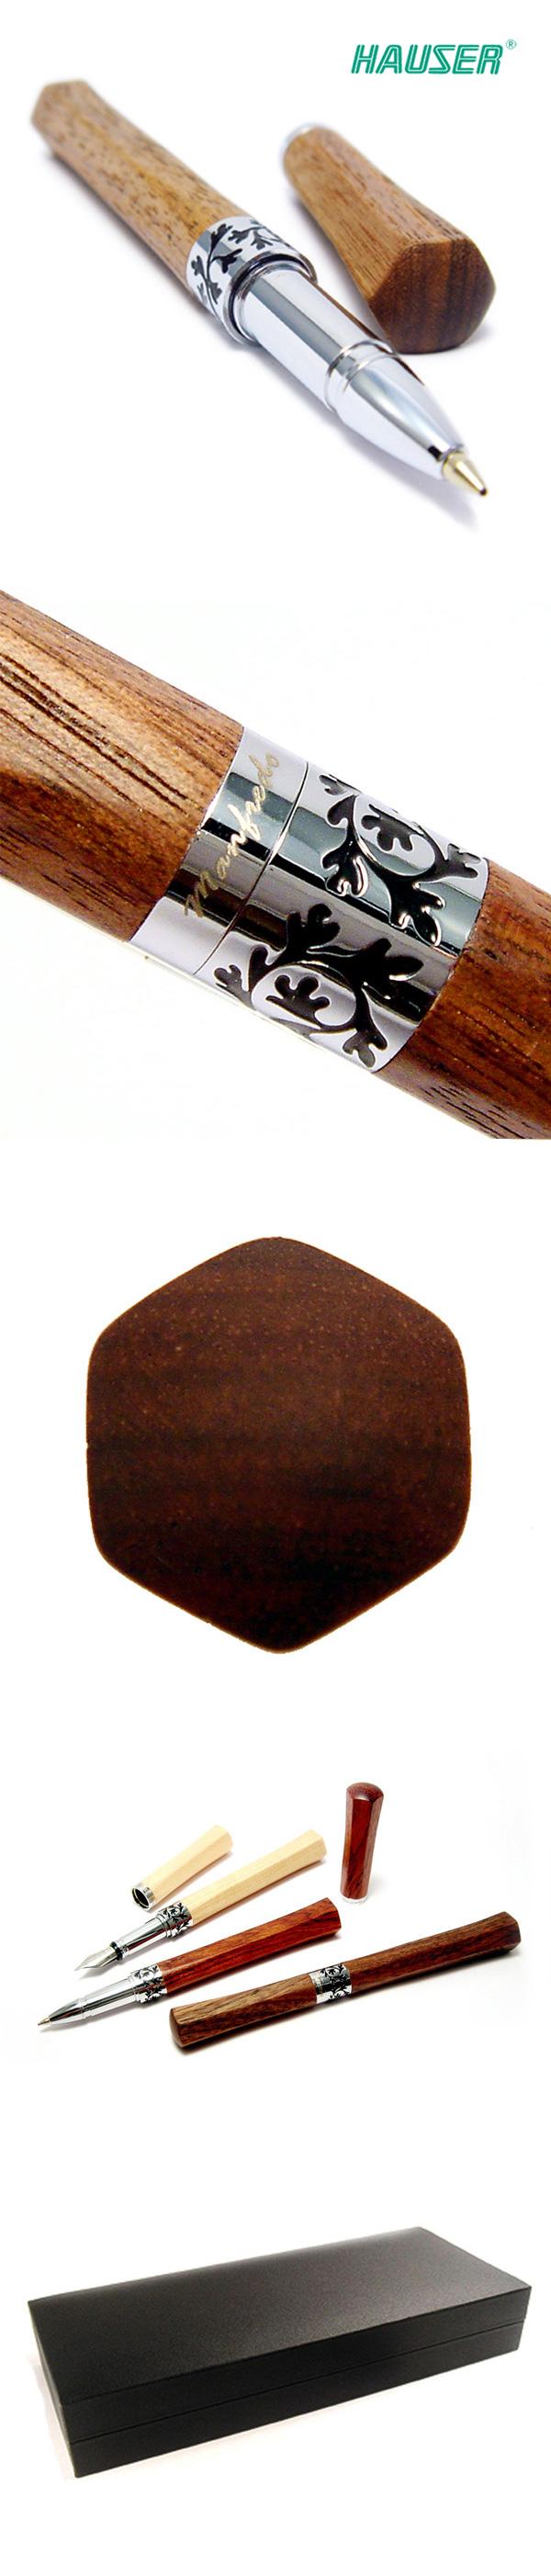 德國 HAUSER Manfredo 曼菲德 原木鋼珠筆系列 胡桃木